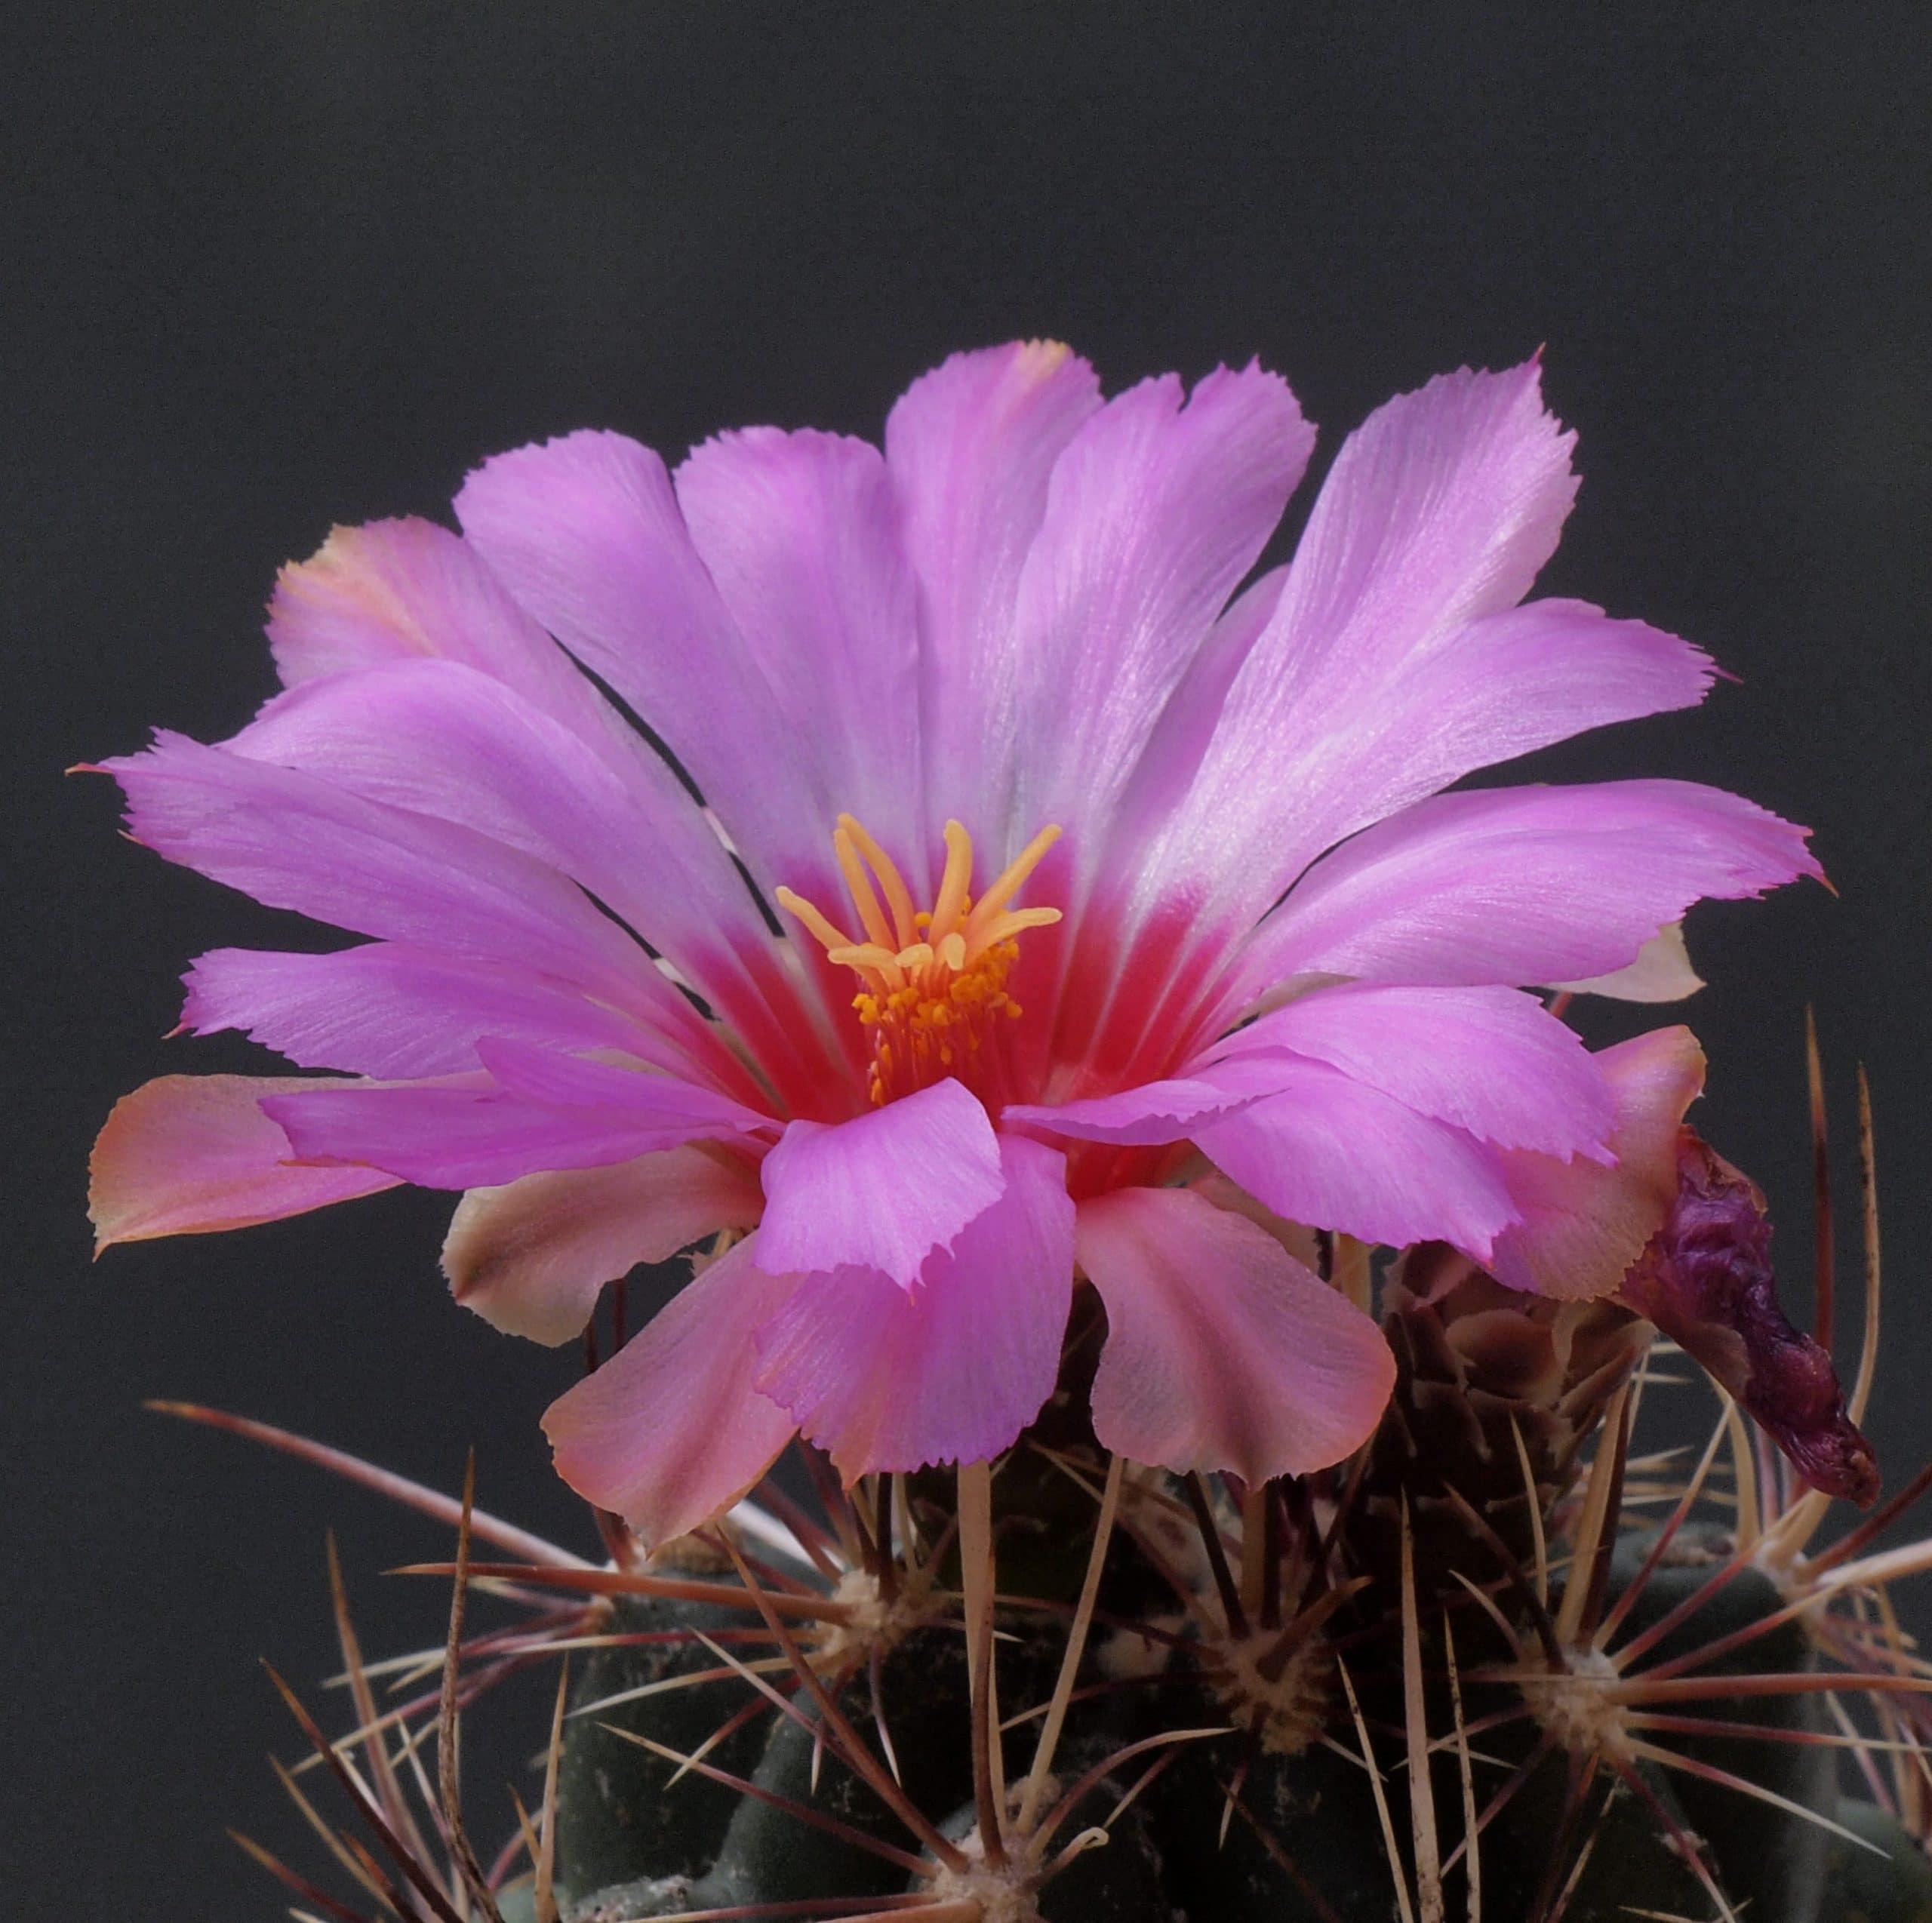 Ejemplar de Thelocactus bicolor v. tanquecillos